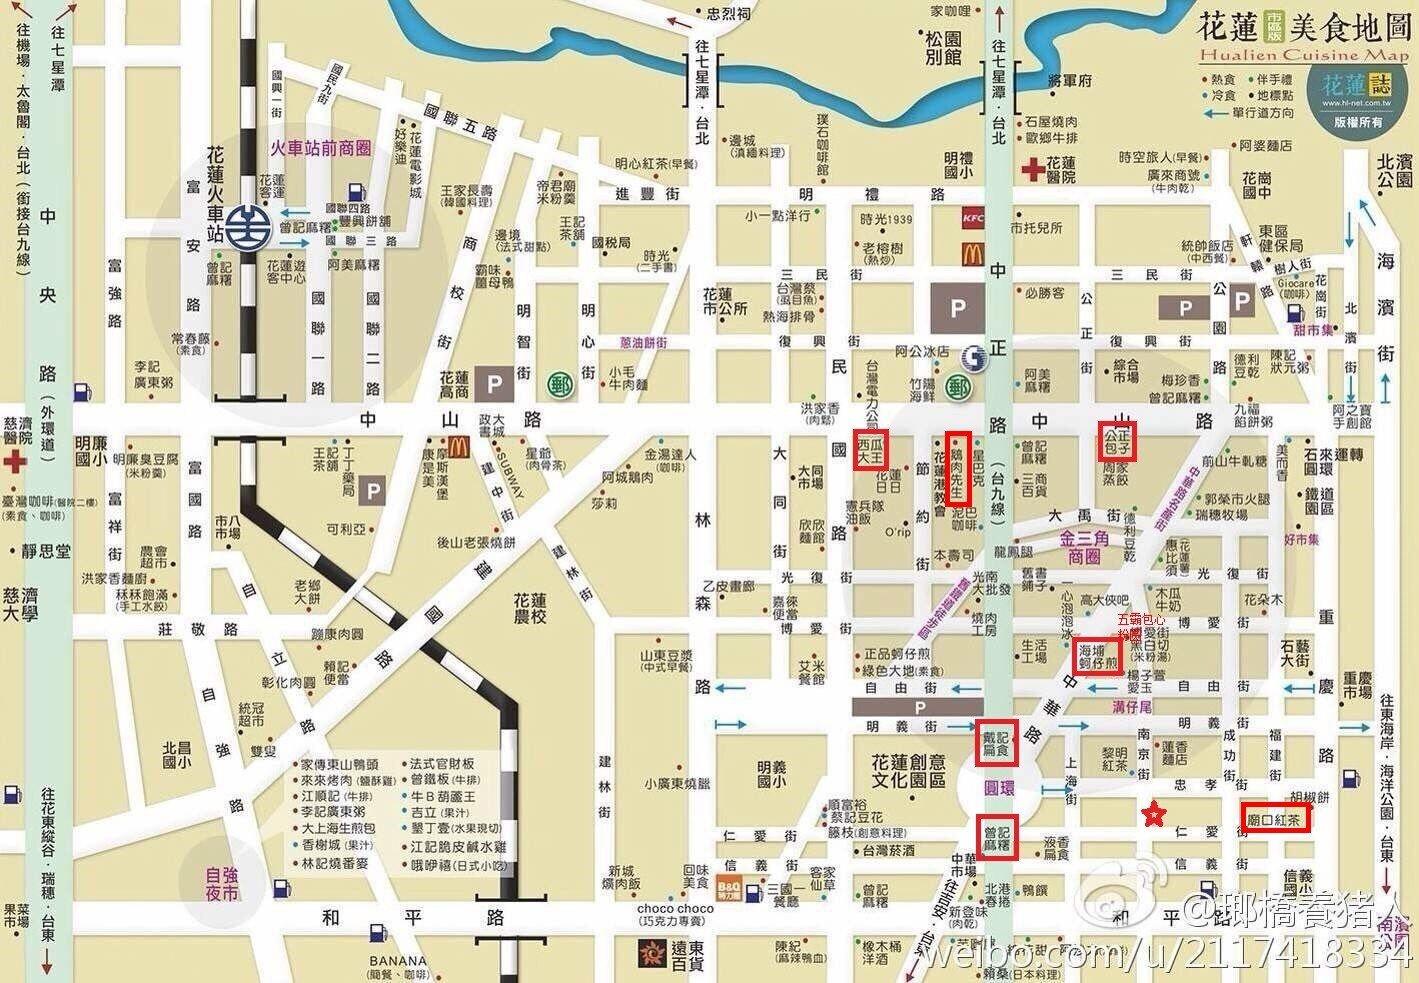 花莲美食地图.jpg